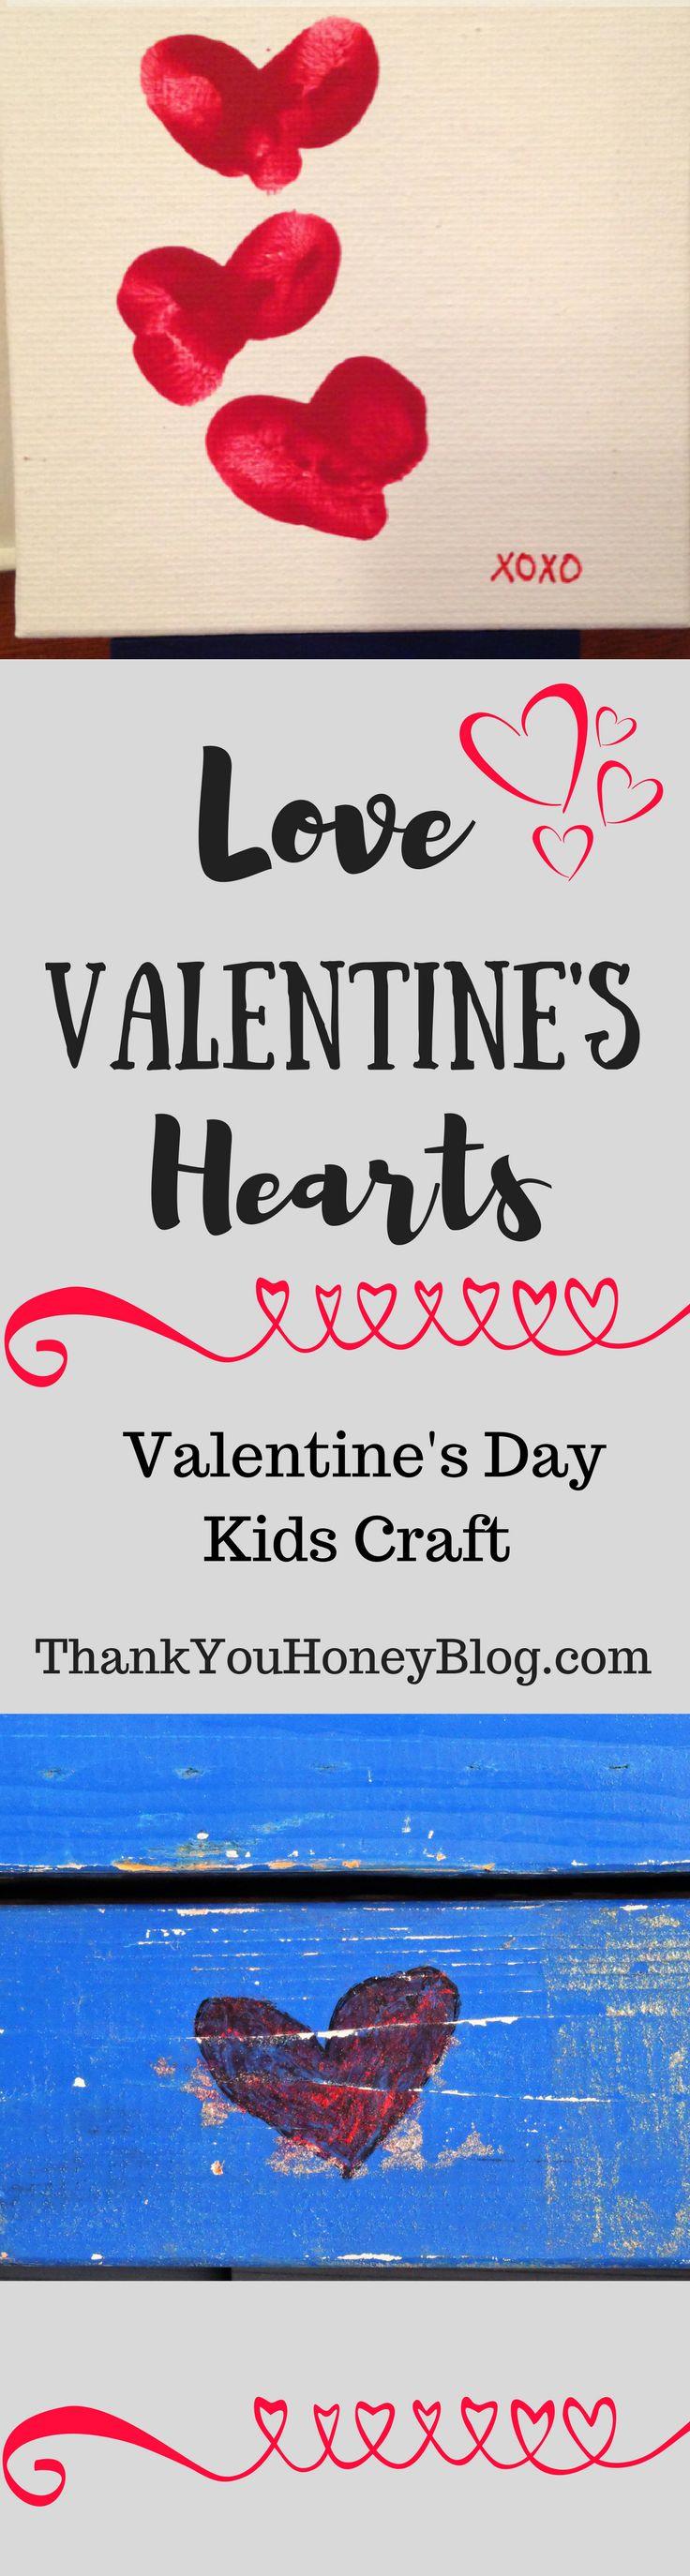 Love Valentine's Hearts, Valentine's Day, Craft, DIY, Kids, Valentine's Day Craft for kids, Love, Hearts, Love Valentines Hearts, Valentine's Kids Craft, Valentines, Kids Activity, Valentine's Day Craft